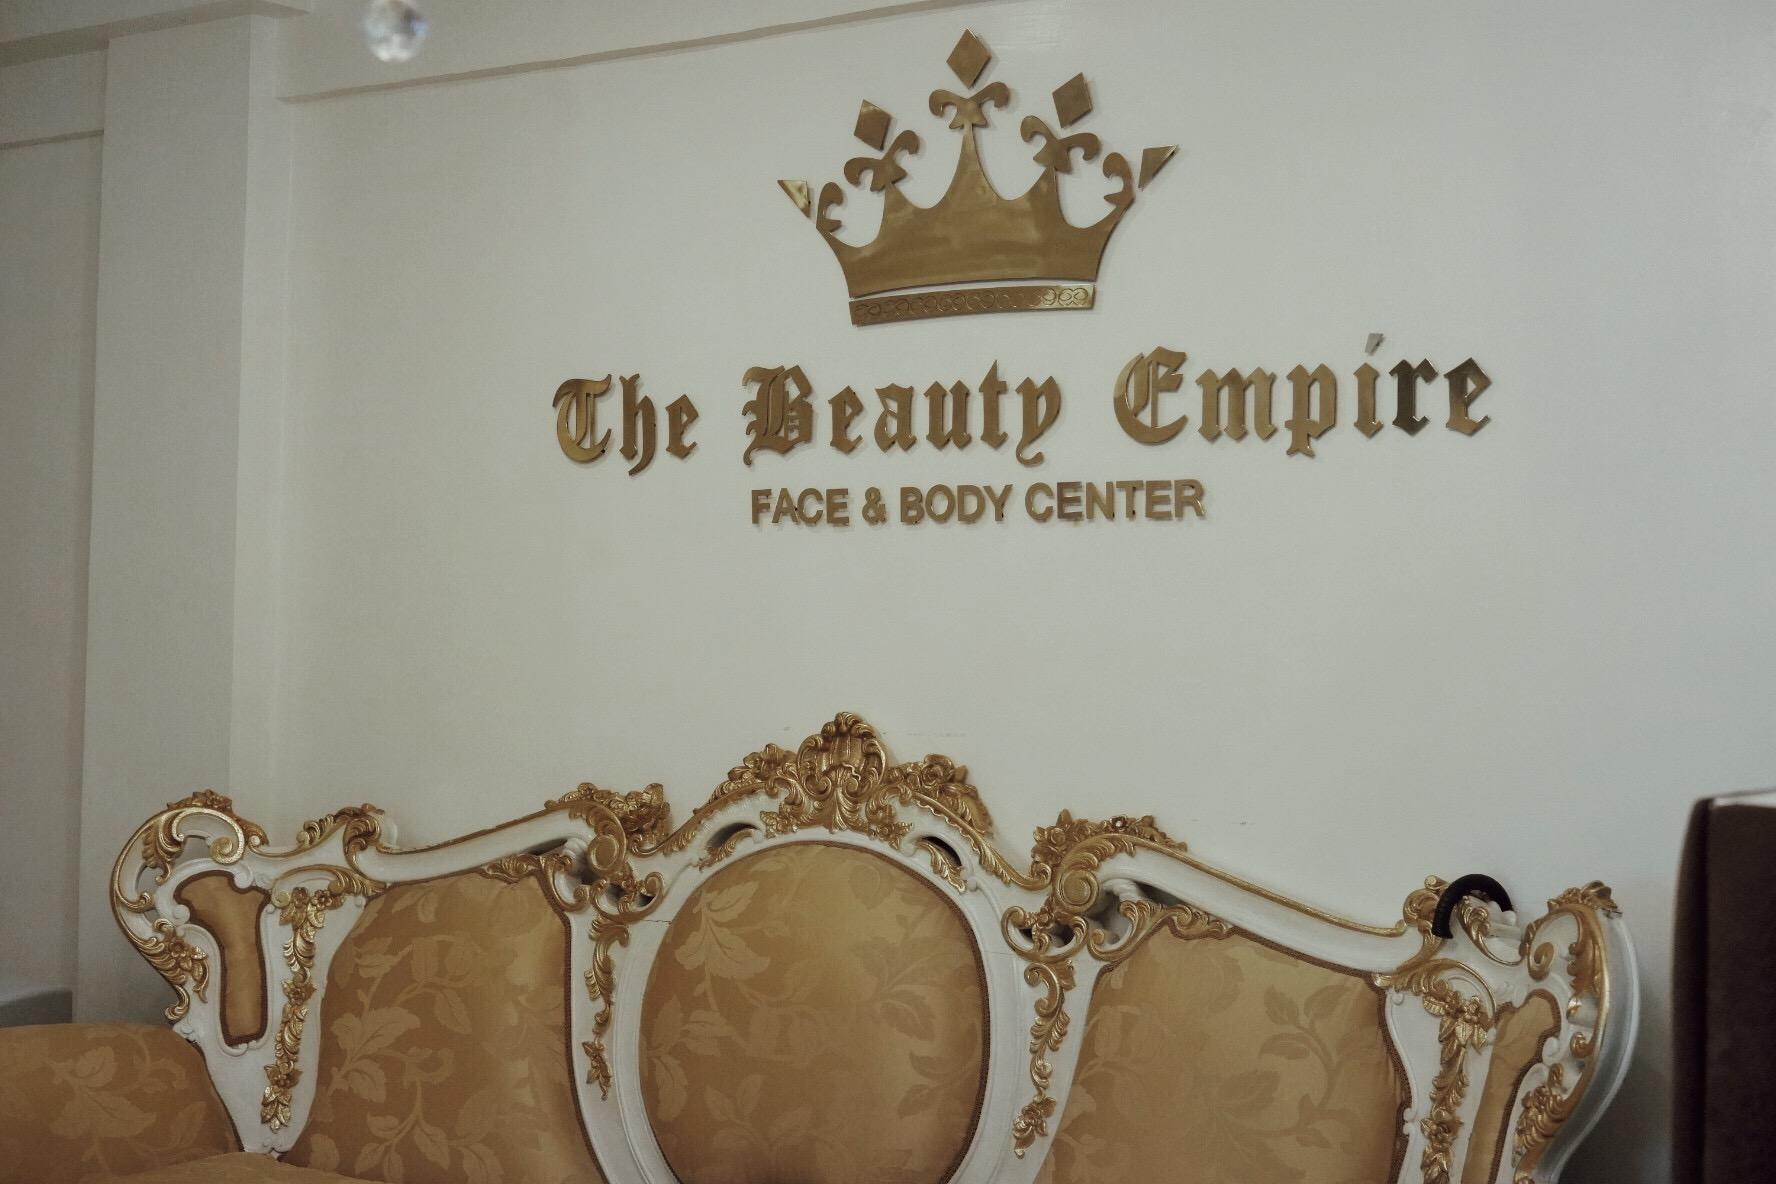 The Beauty Empire